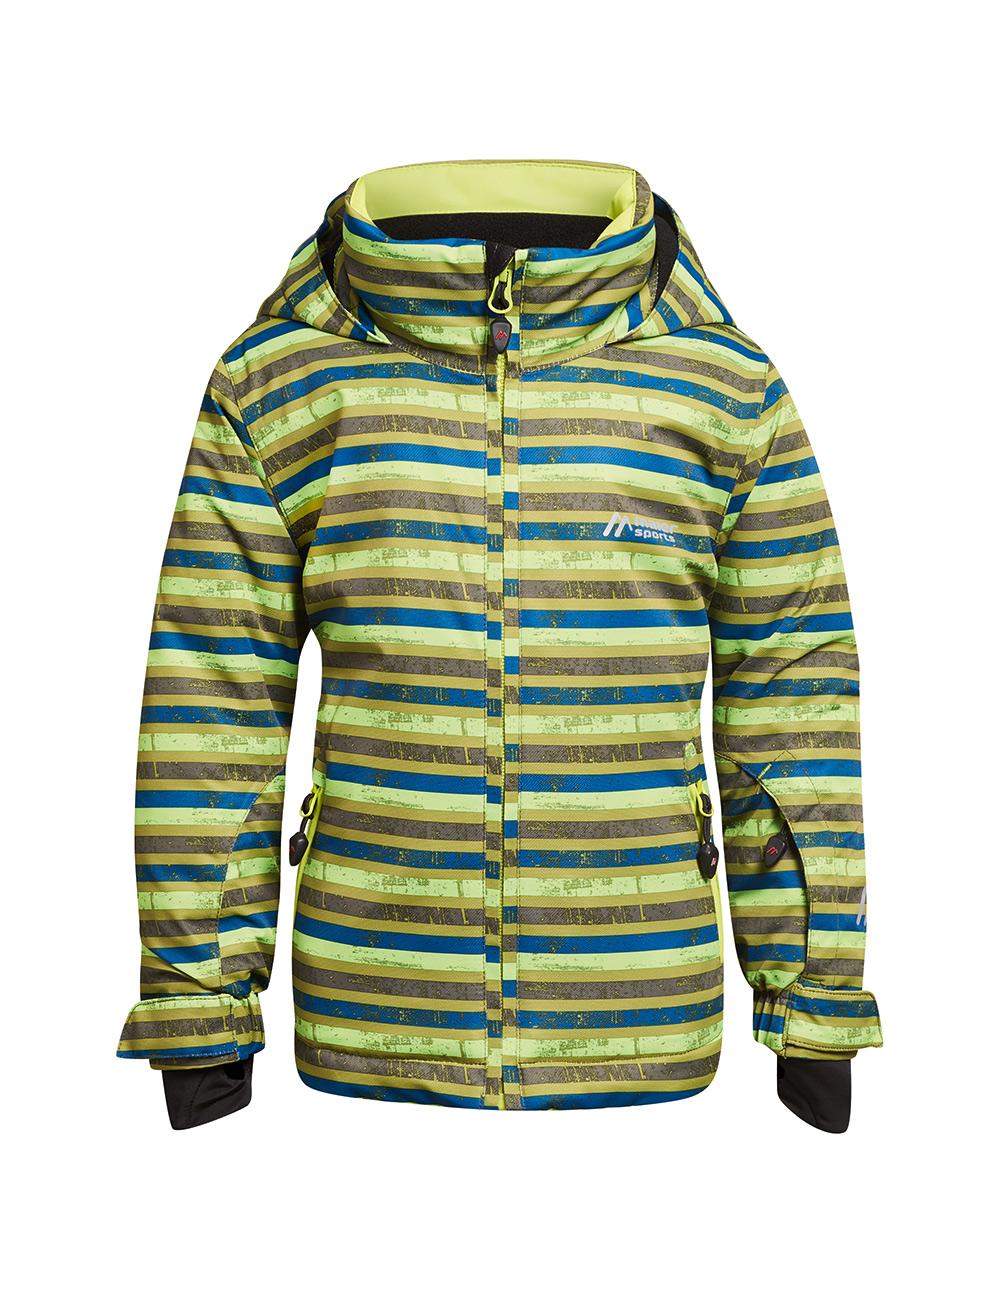 Куртка горнолыжная MAIER 2017-18 Stoormy Kids green/blue allover, Одежда для зимних видов спорта - арт. 1030920410